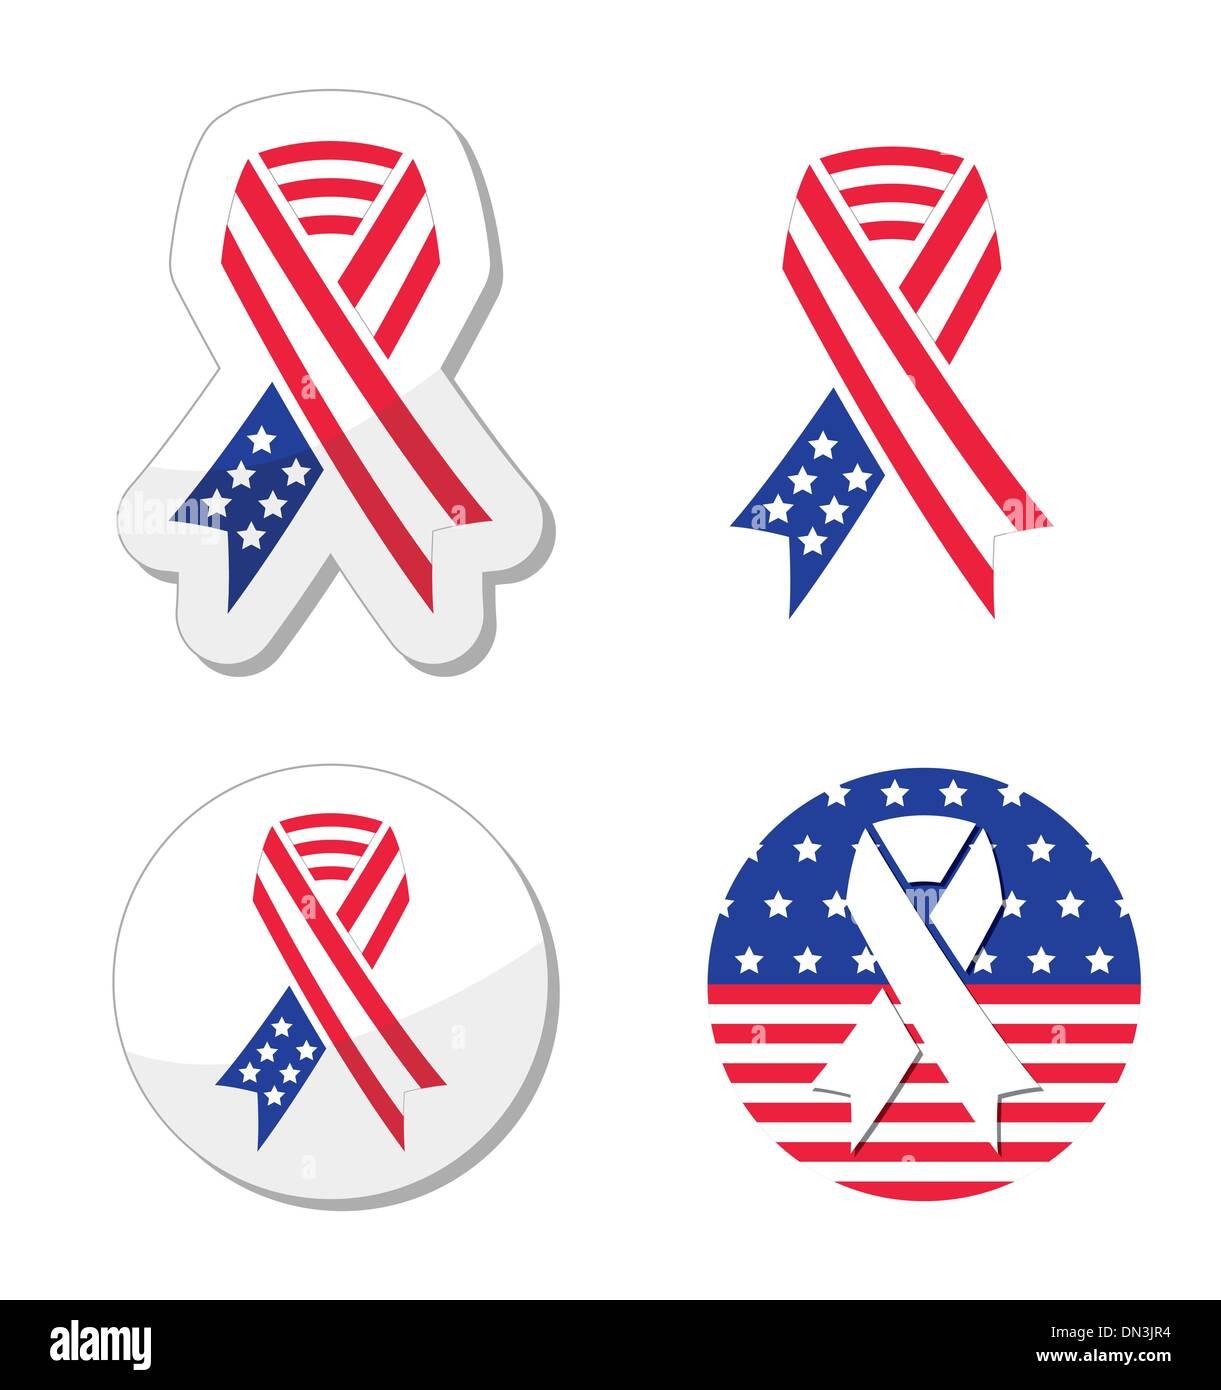 USA cinta bandera - símbolo de patriotismo, las víctimas y héroes de los atentados del 11-s Imagen De Stock